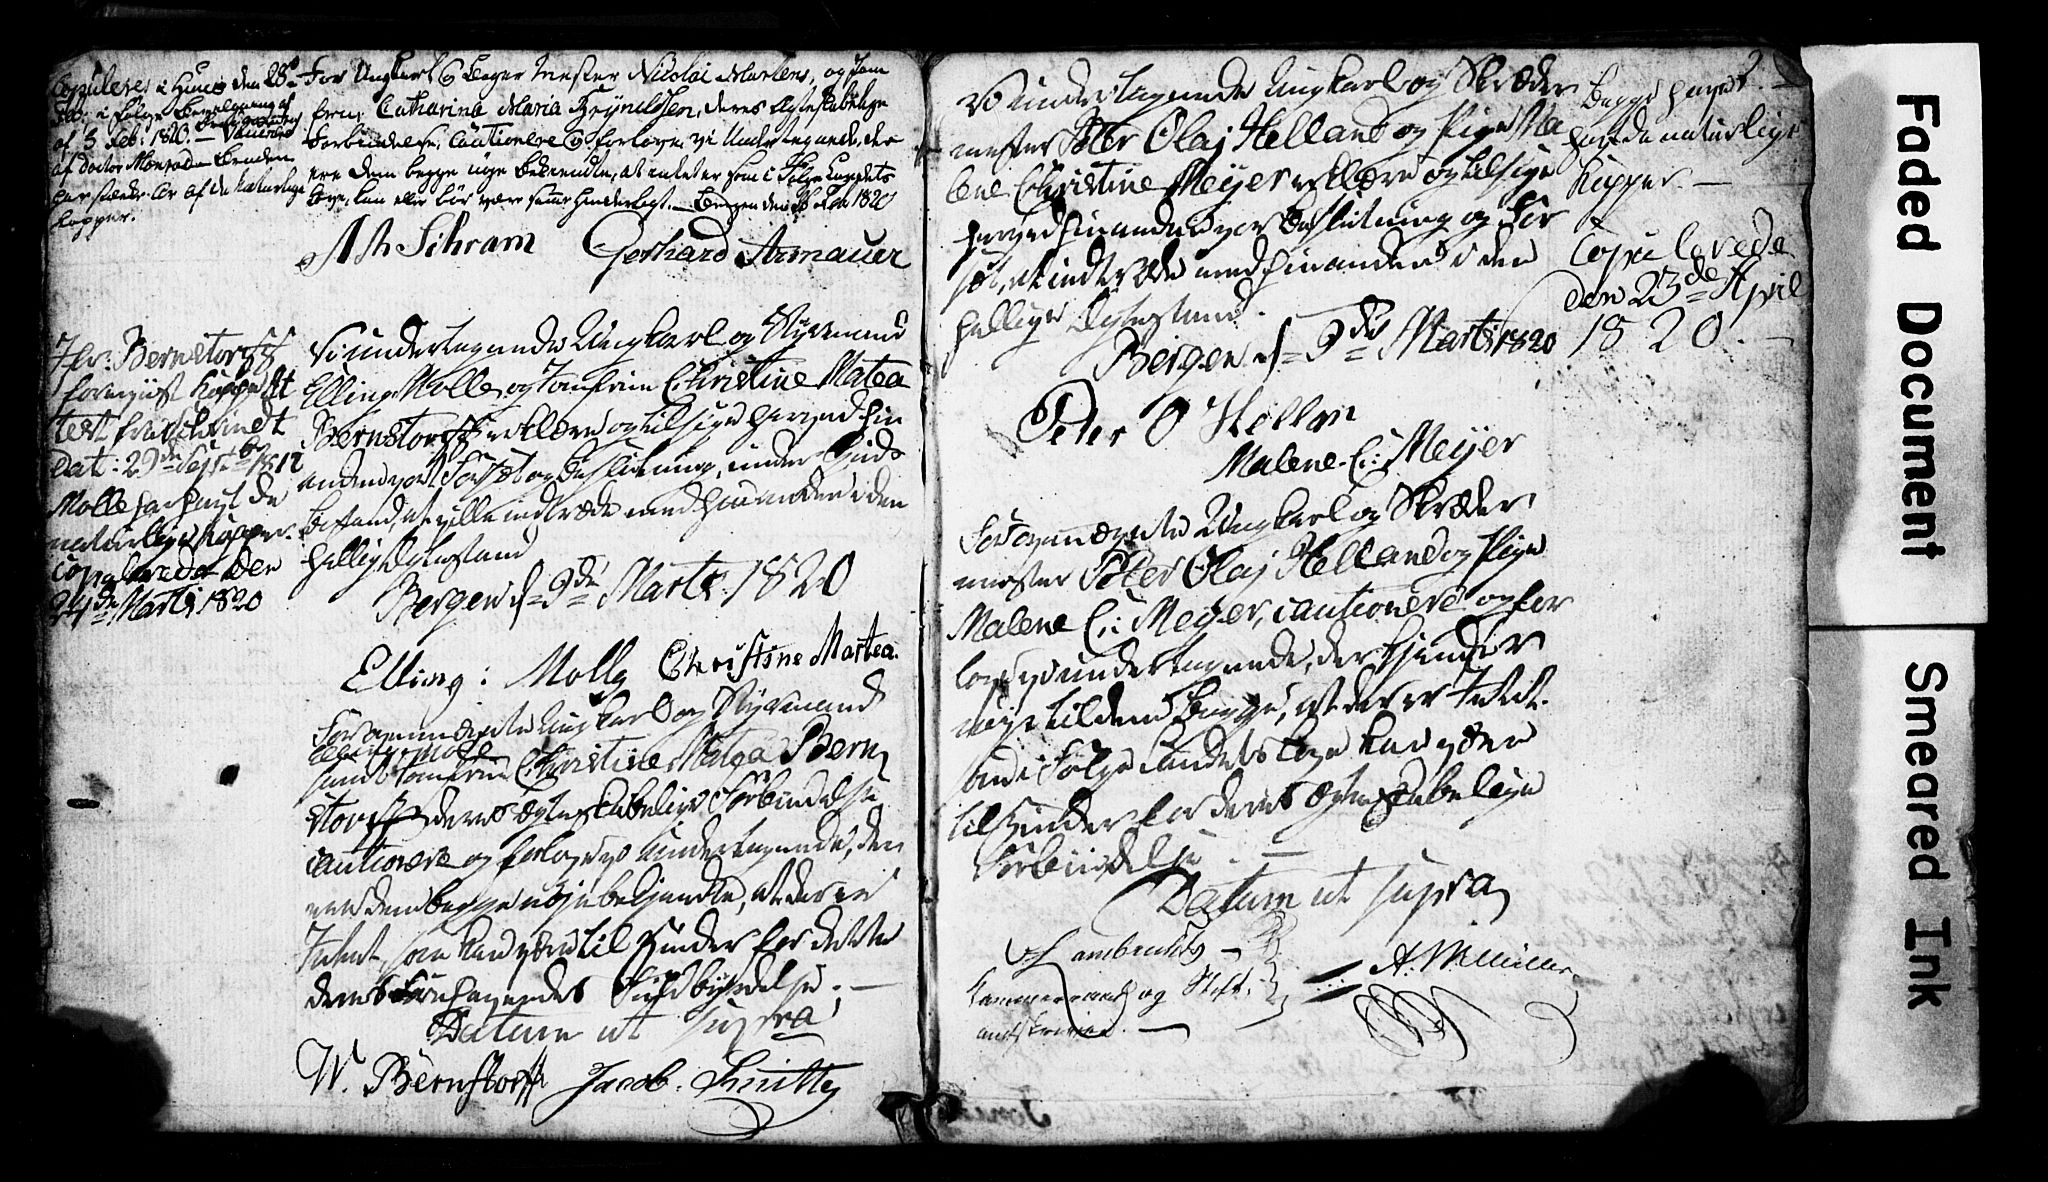 SAB, Domkirken Sokneprestembete, Forlovererklæringer nr. II.5.2, 1820-1832, s. 2